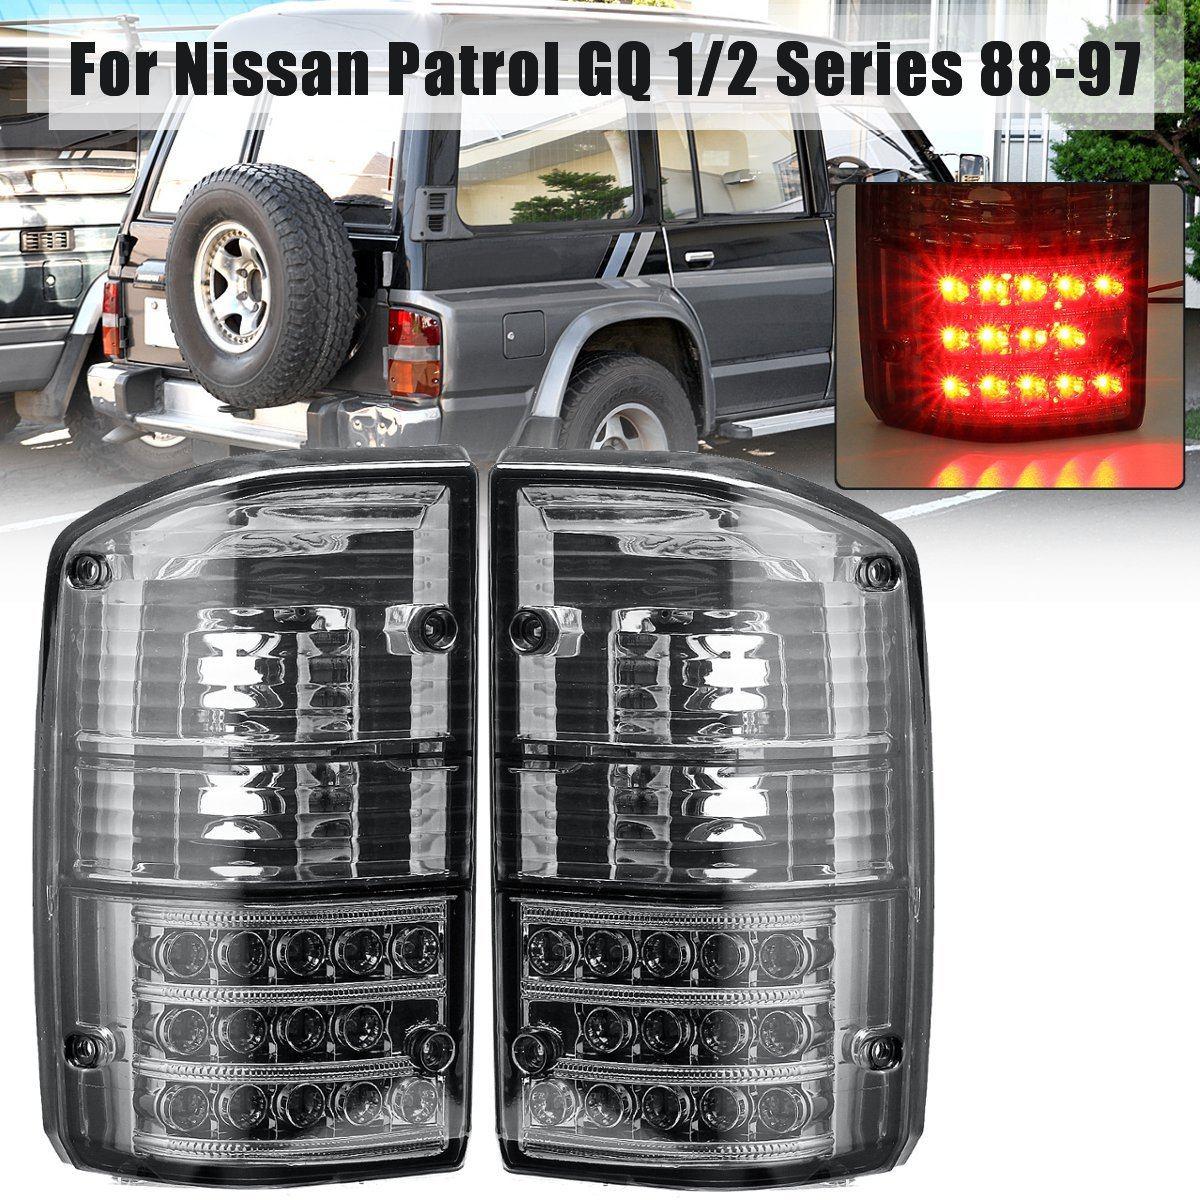 Pour Nissan Patrol GQ 1/2 Série 1988 1989 1990 1991 1992 1993 1994 1995 1996 1997 Paire Arrière feu arrière lampe de frein queue Lampe